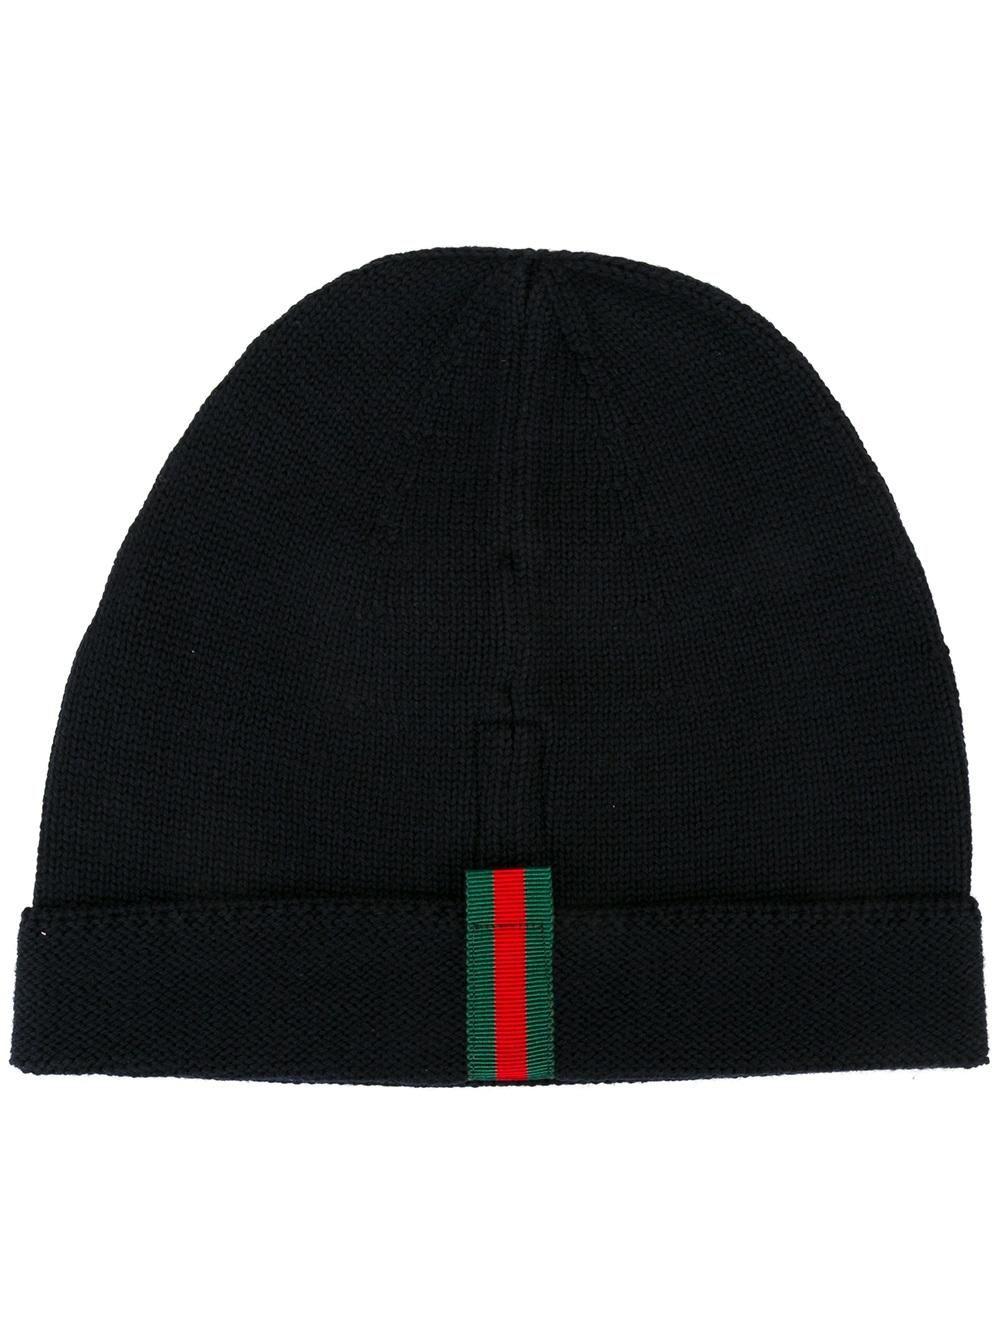 67a4d23d4 Gucci striped detailing beanie | hats | Gucci hat, Gucci beanie ...